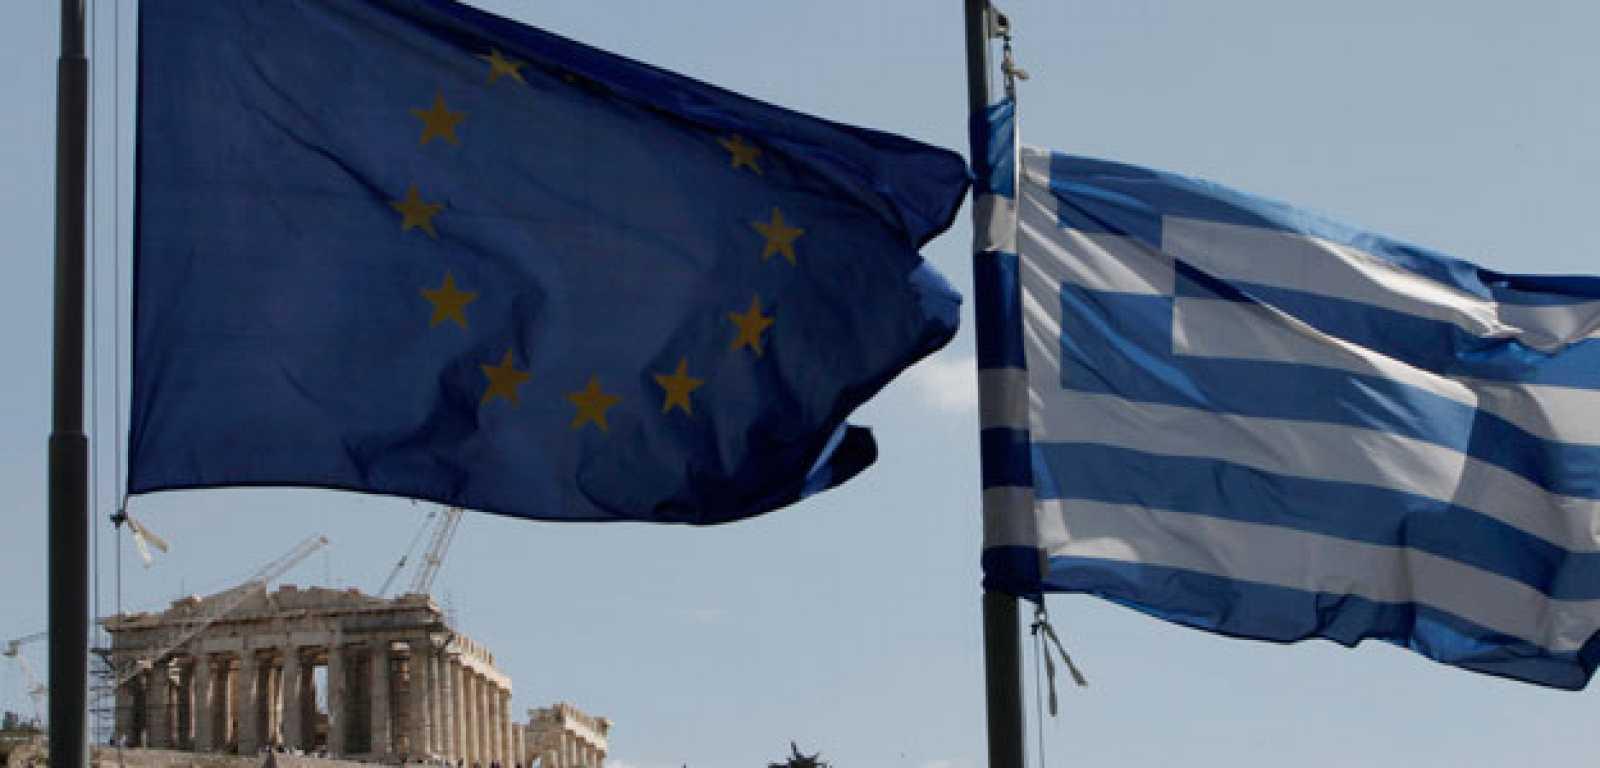 Grecia acabó 2010 con un 10,5% de déficit público, un punto más de lo calculado hasta ahora